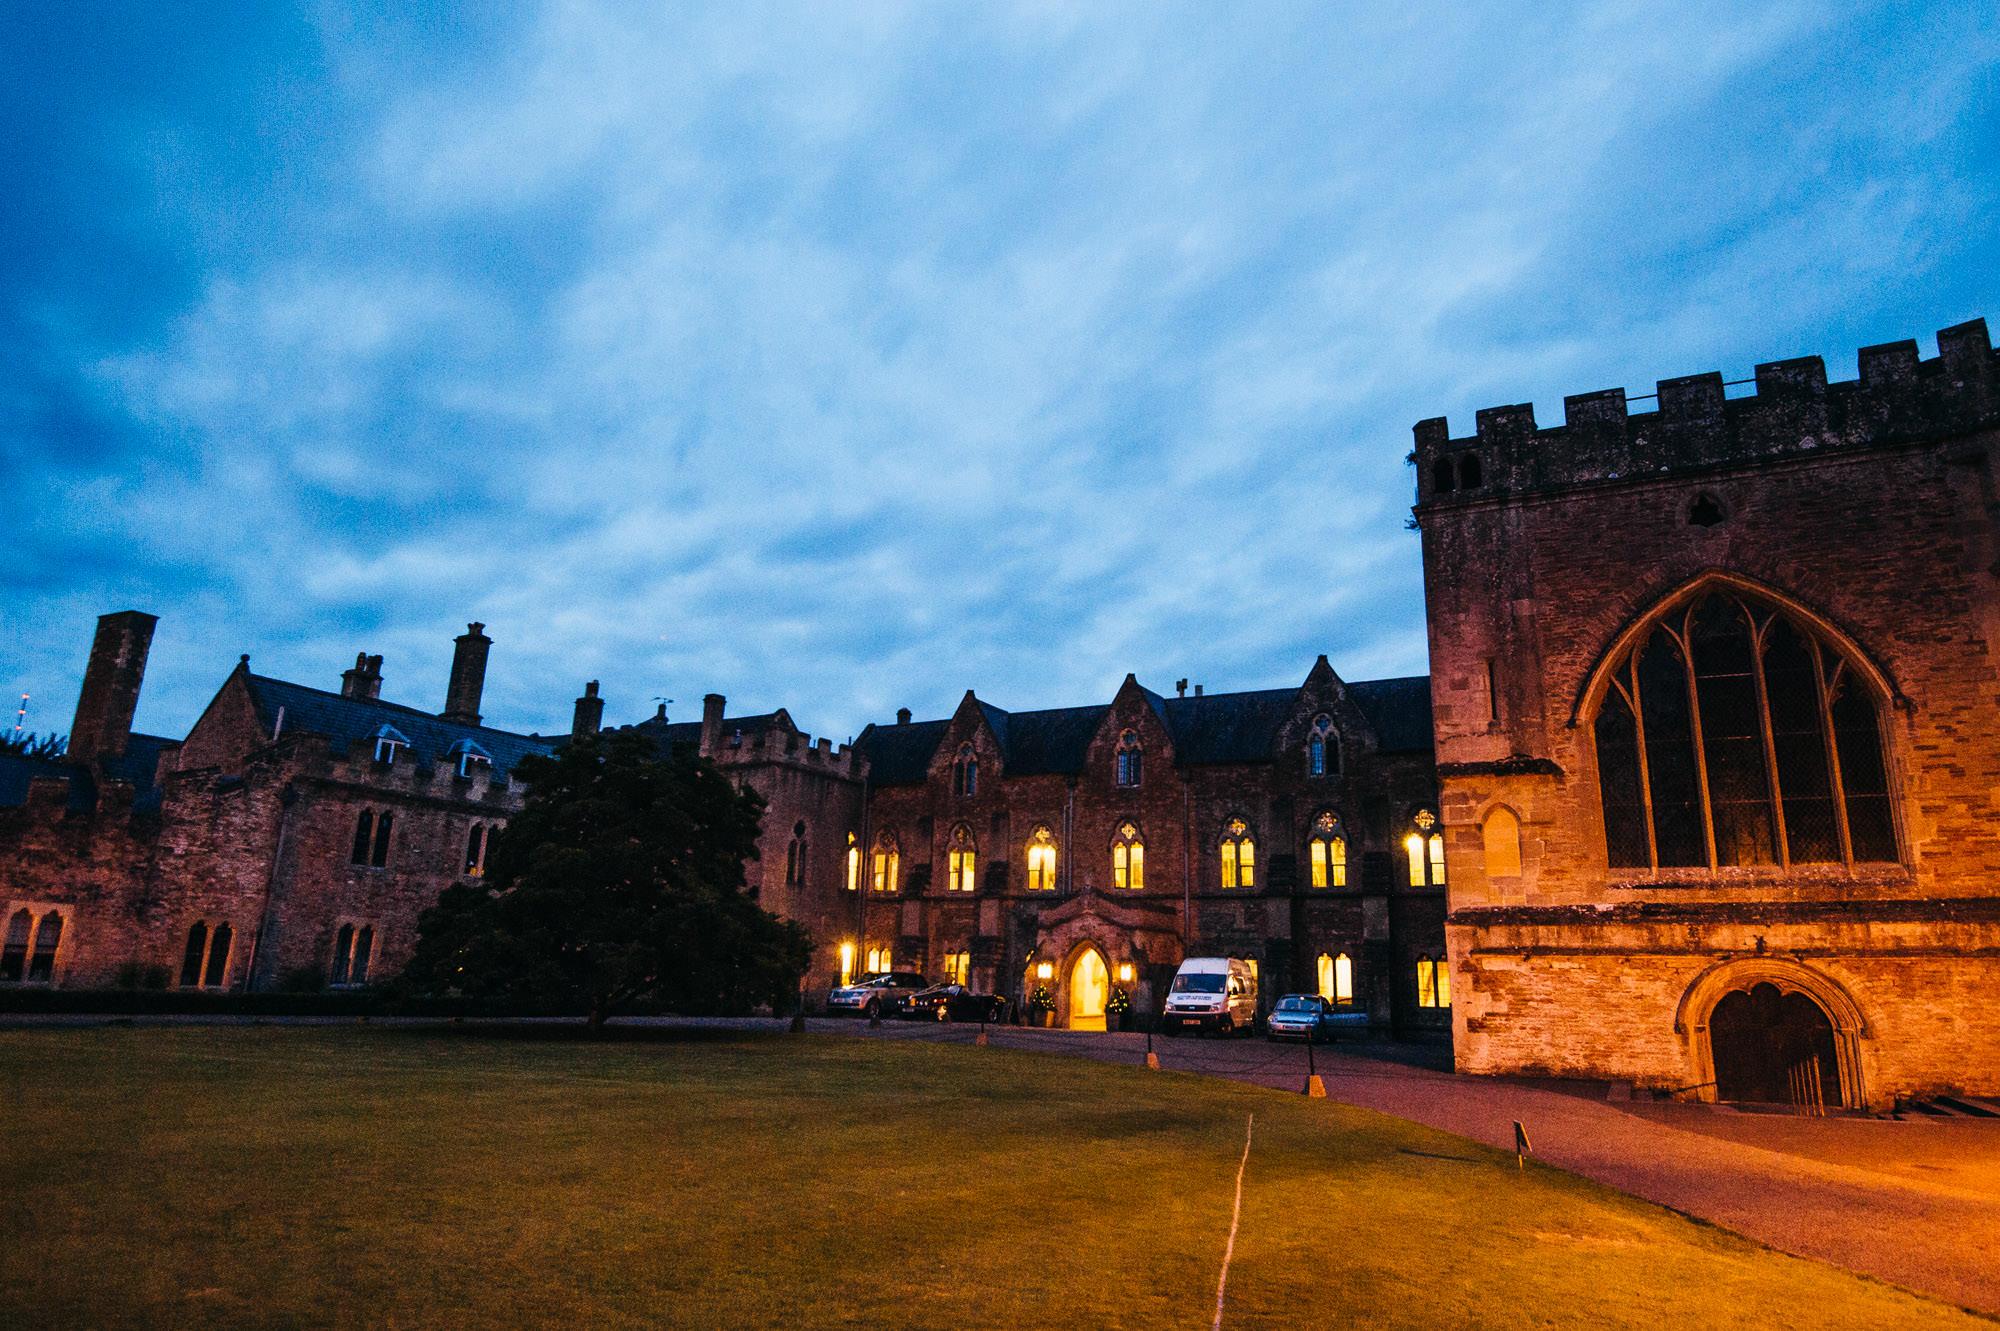 Bishops palace wedding venue at night